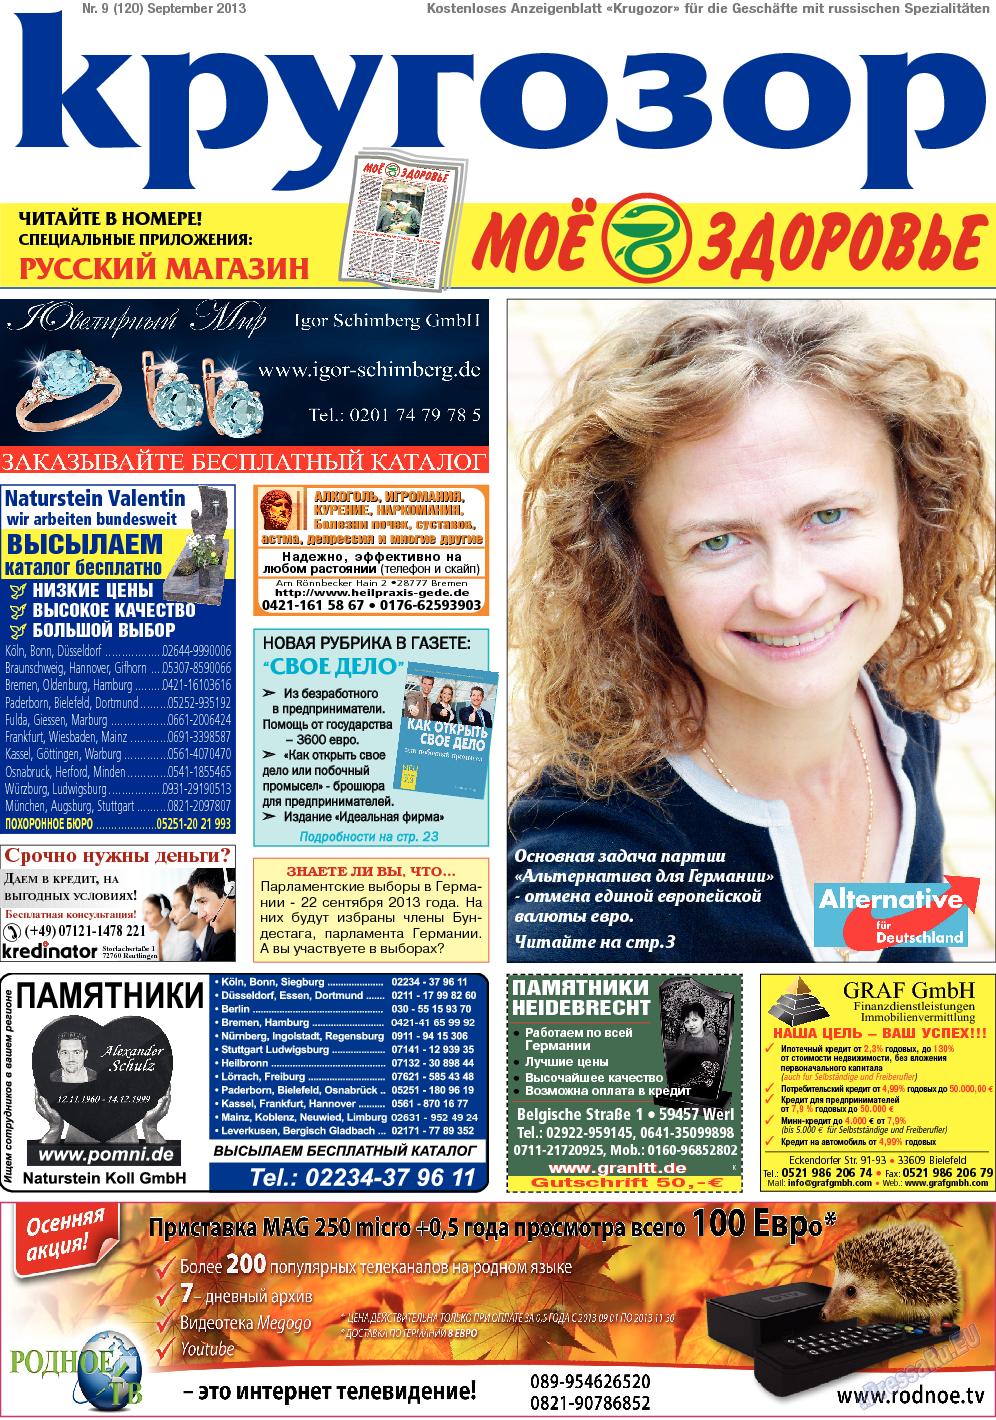 Кругозор (газета). 2013 год, номер 9, стр. 1